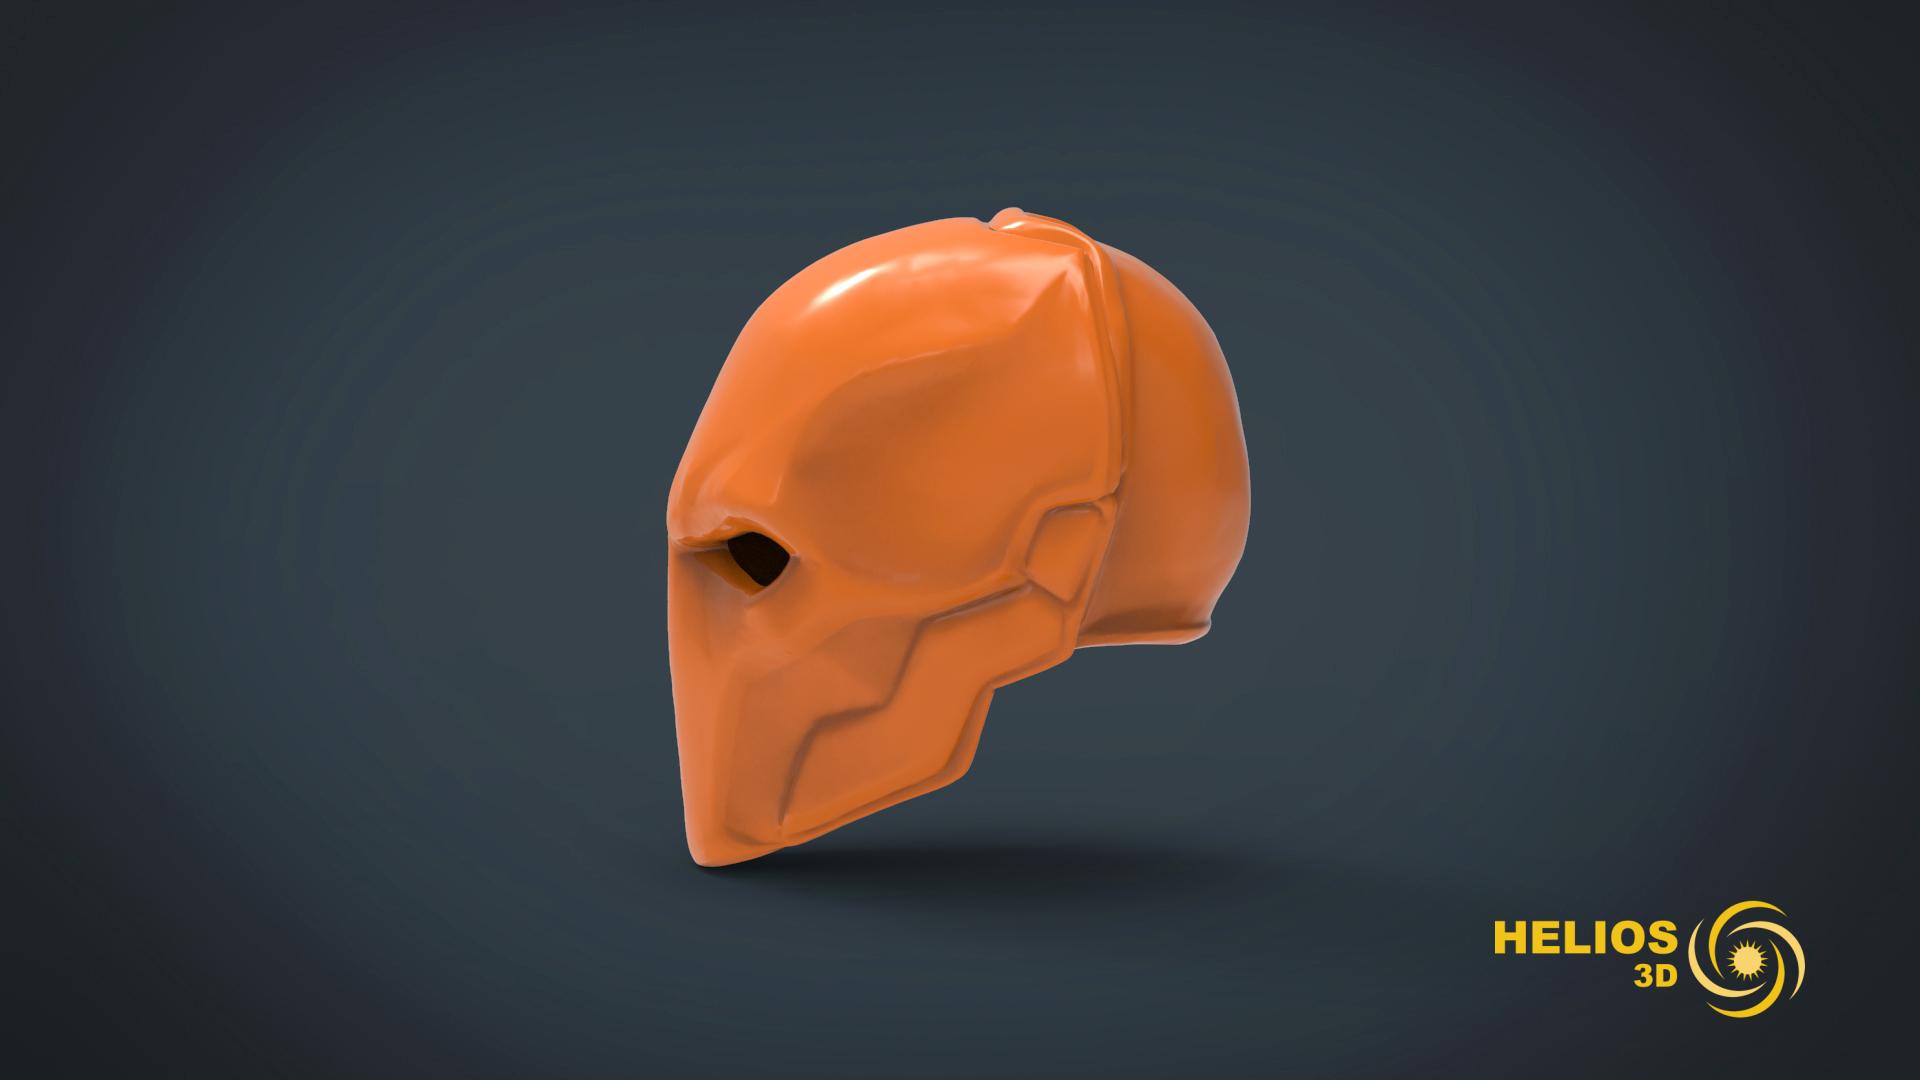 untitled.289.jpg Télécharger fichier STL gratuit Casque Deathstroke - portable grandeur nature • Objet pour imprimante 3D, Helios3D